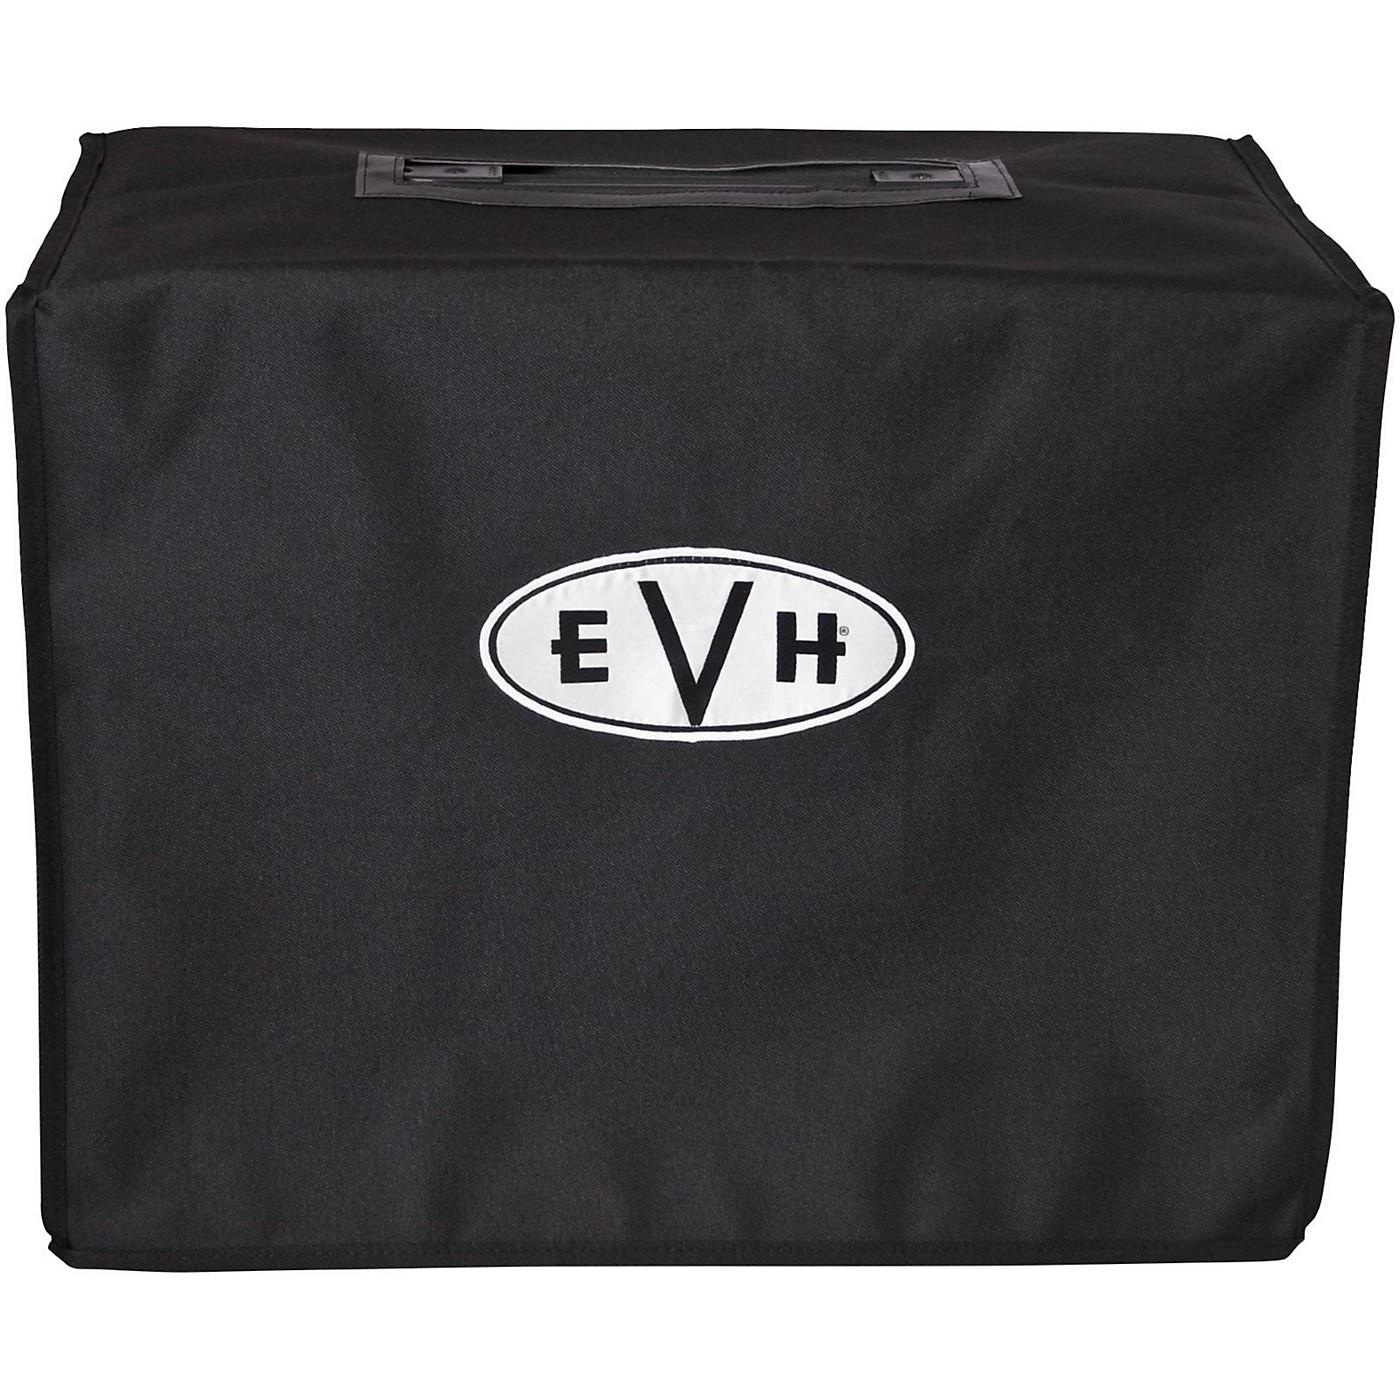 EVH Cover for 1x12 Guitar Speaker Cabinet thumbnail